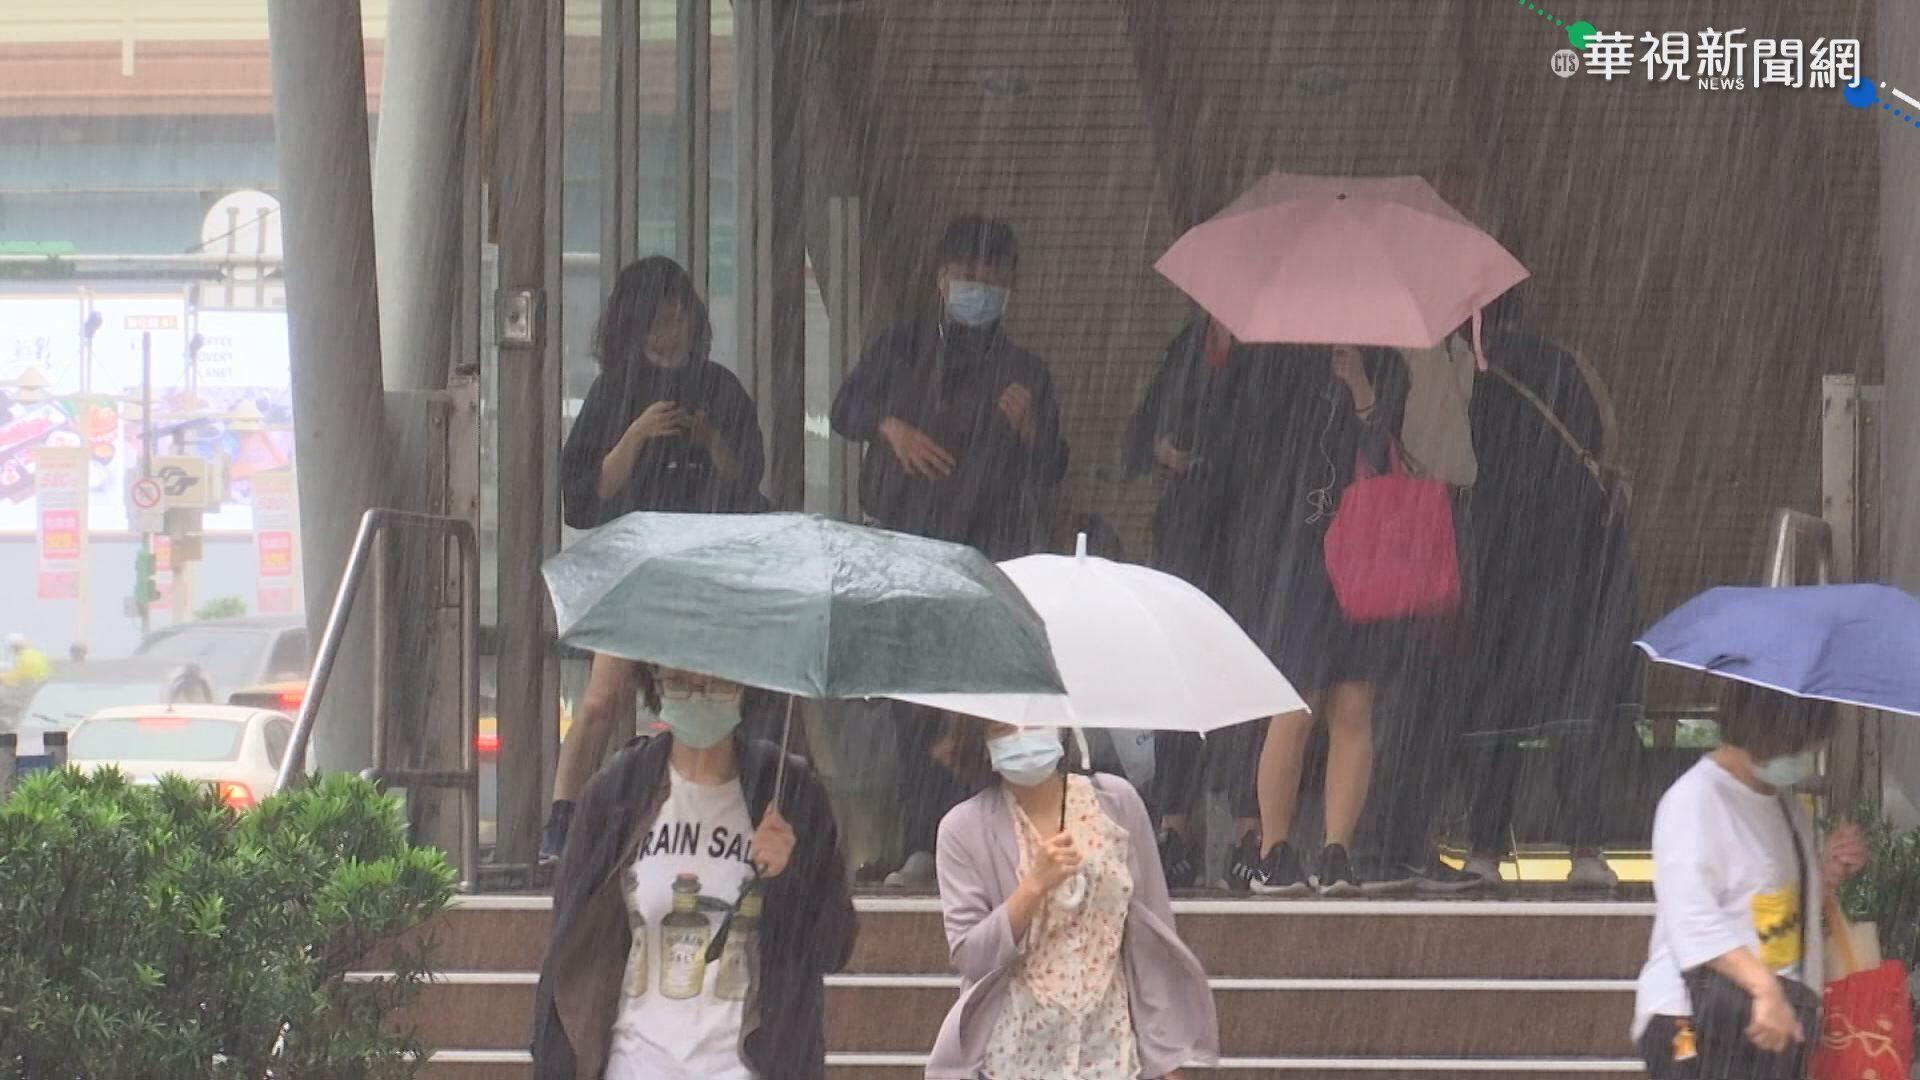 盧碧減弱為熱帶低壓 週末西半部嚴防豪雨